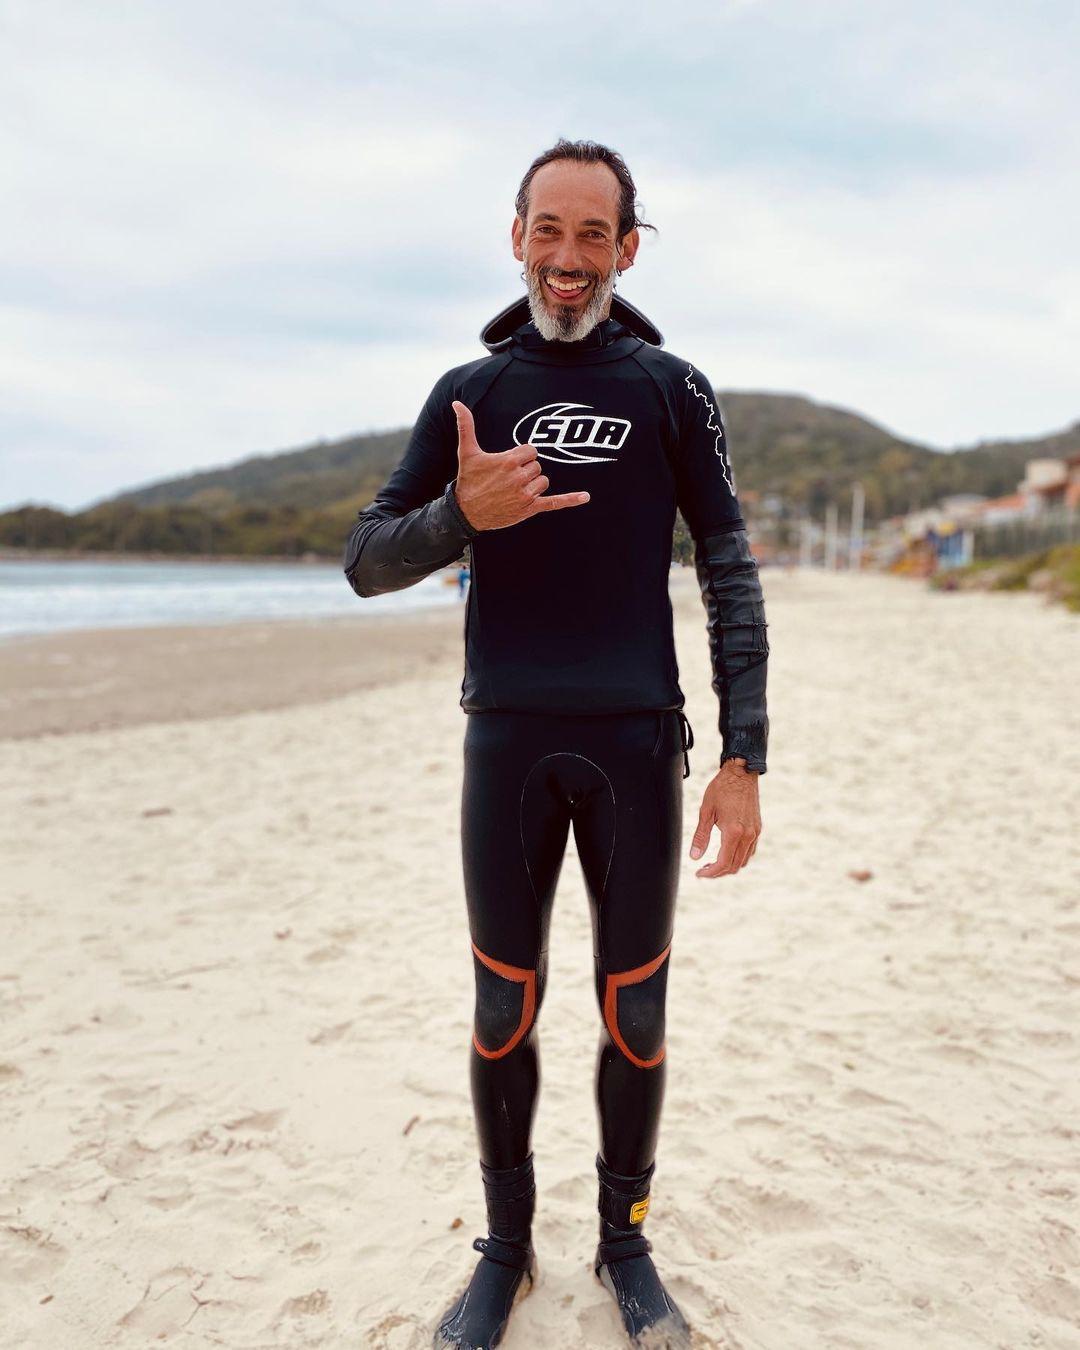 ricardo surf de bem